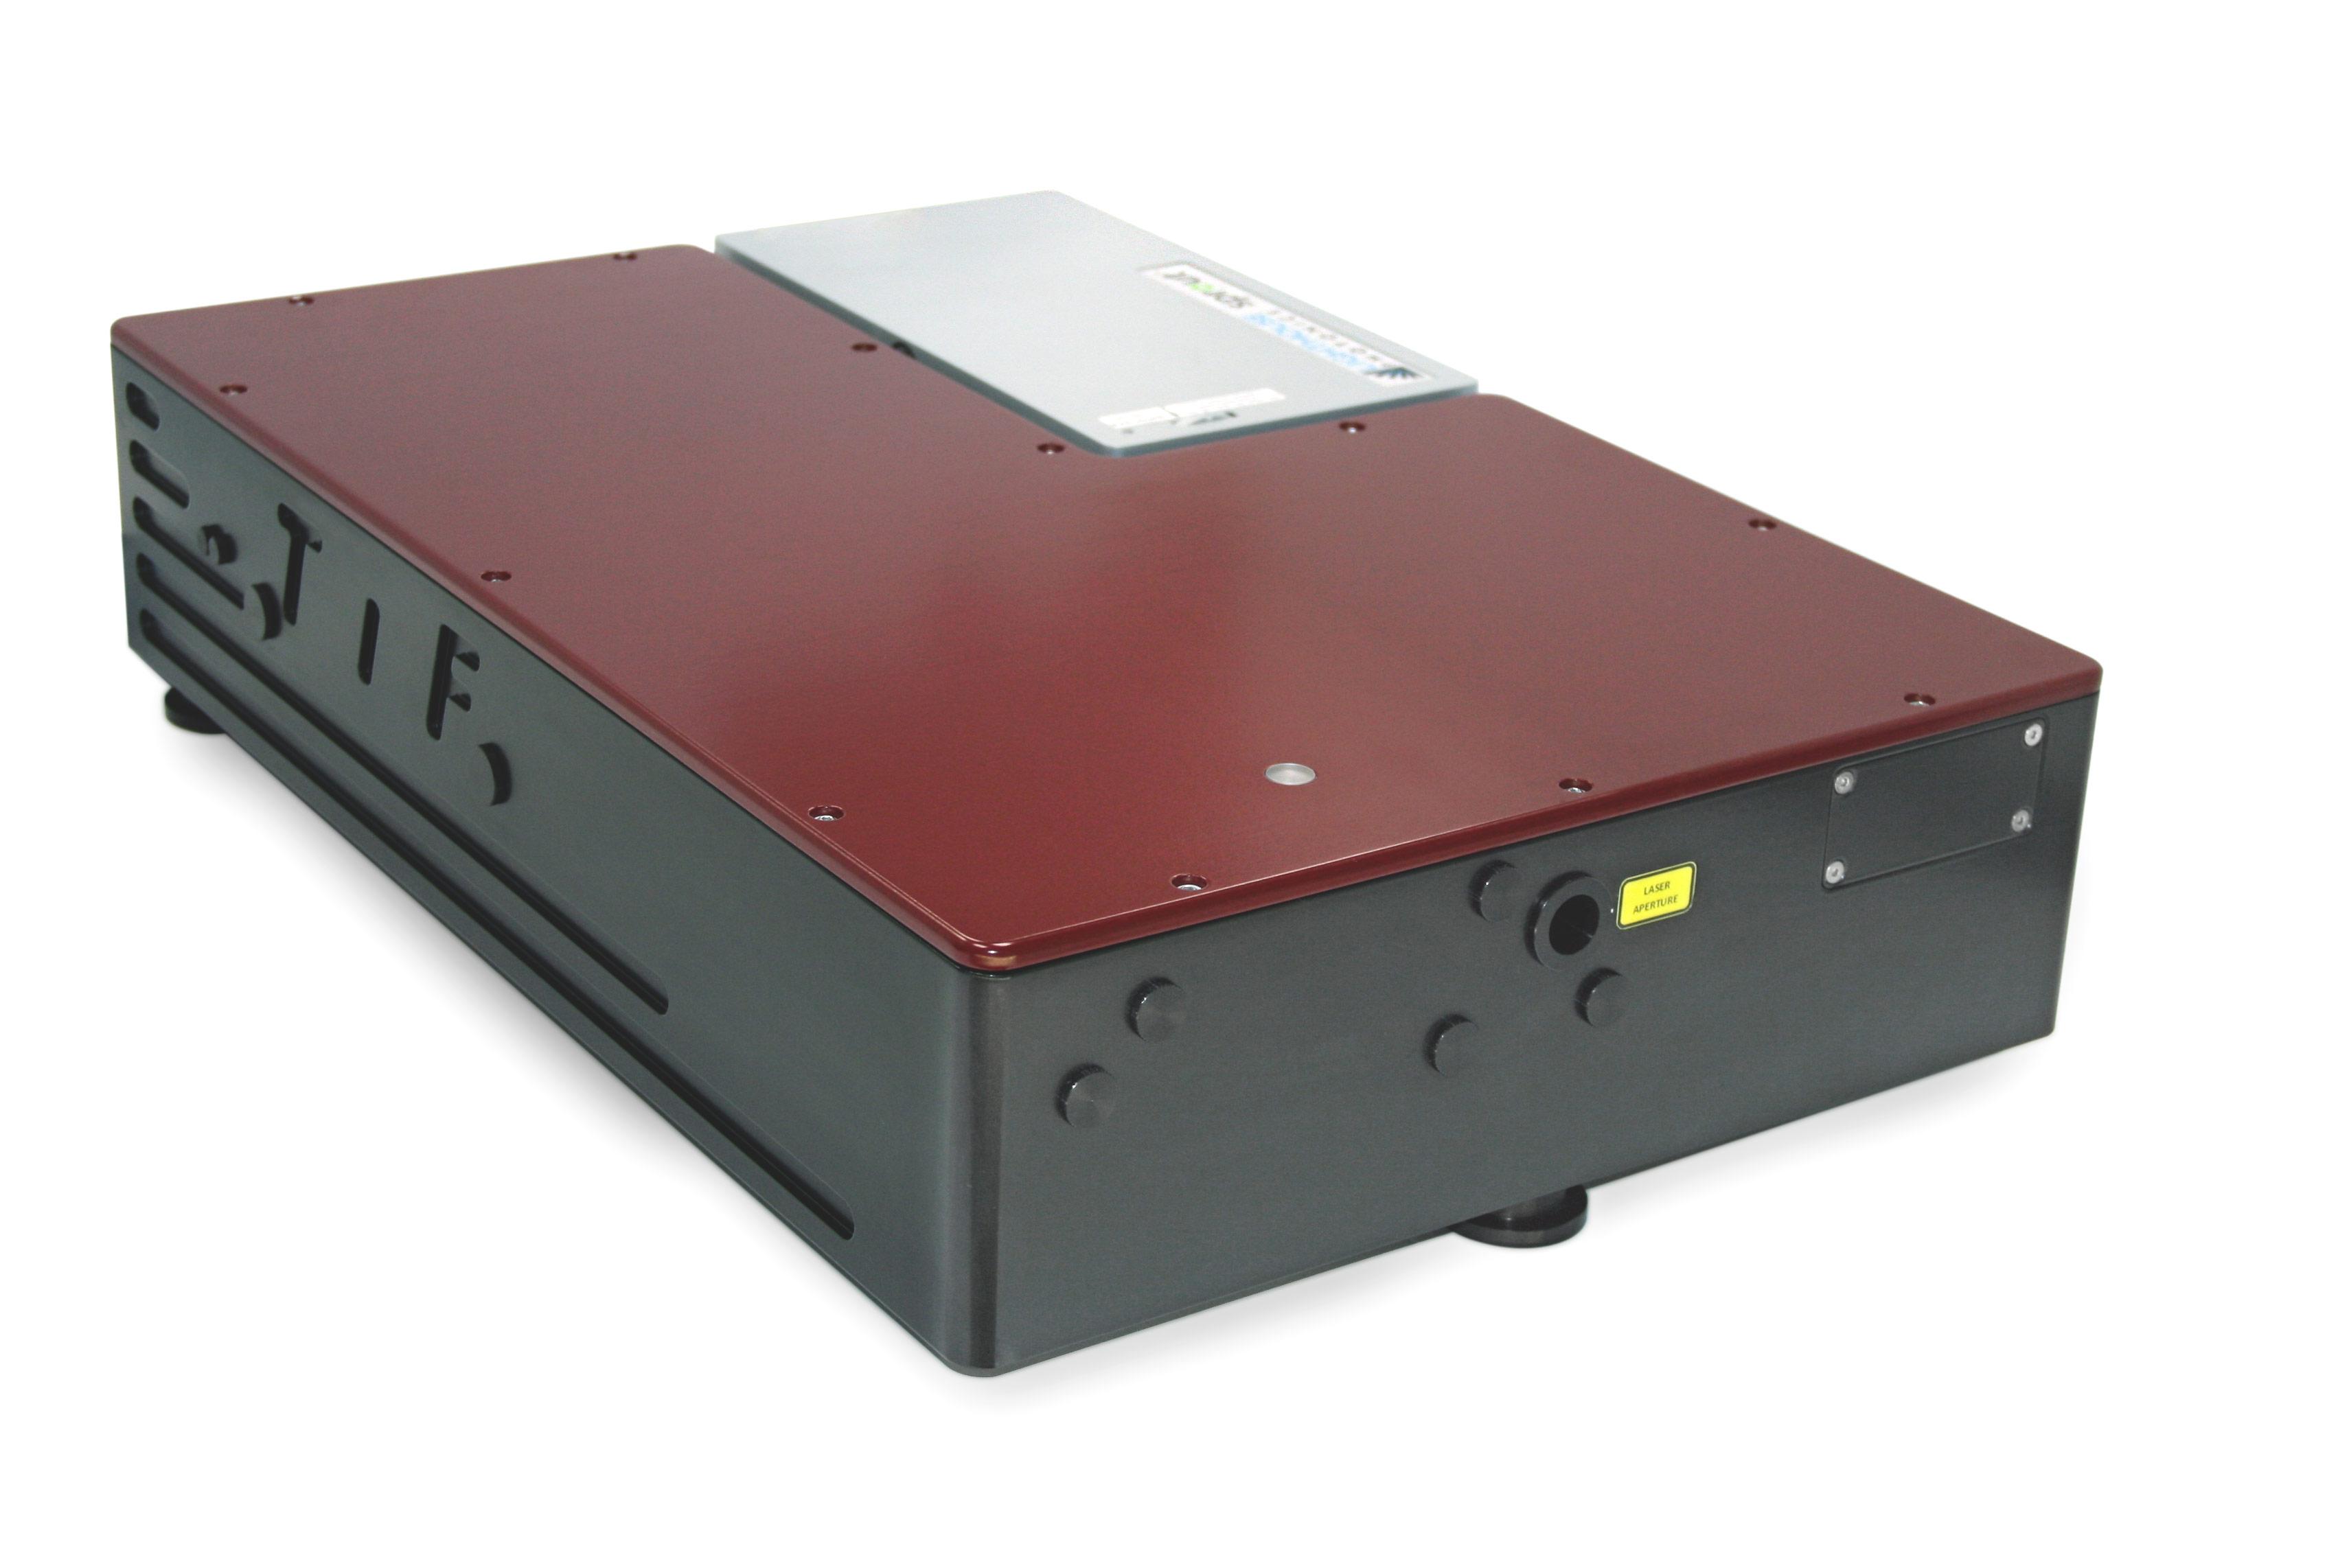 Лазер модели TiF-100 с интегрированным лазером накачки